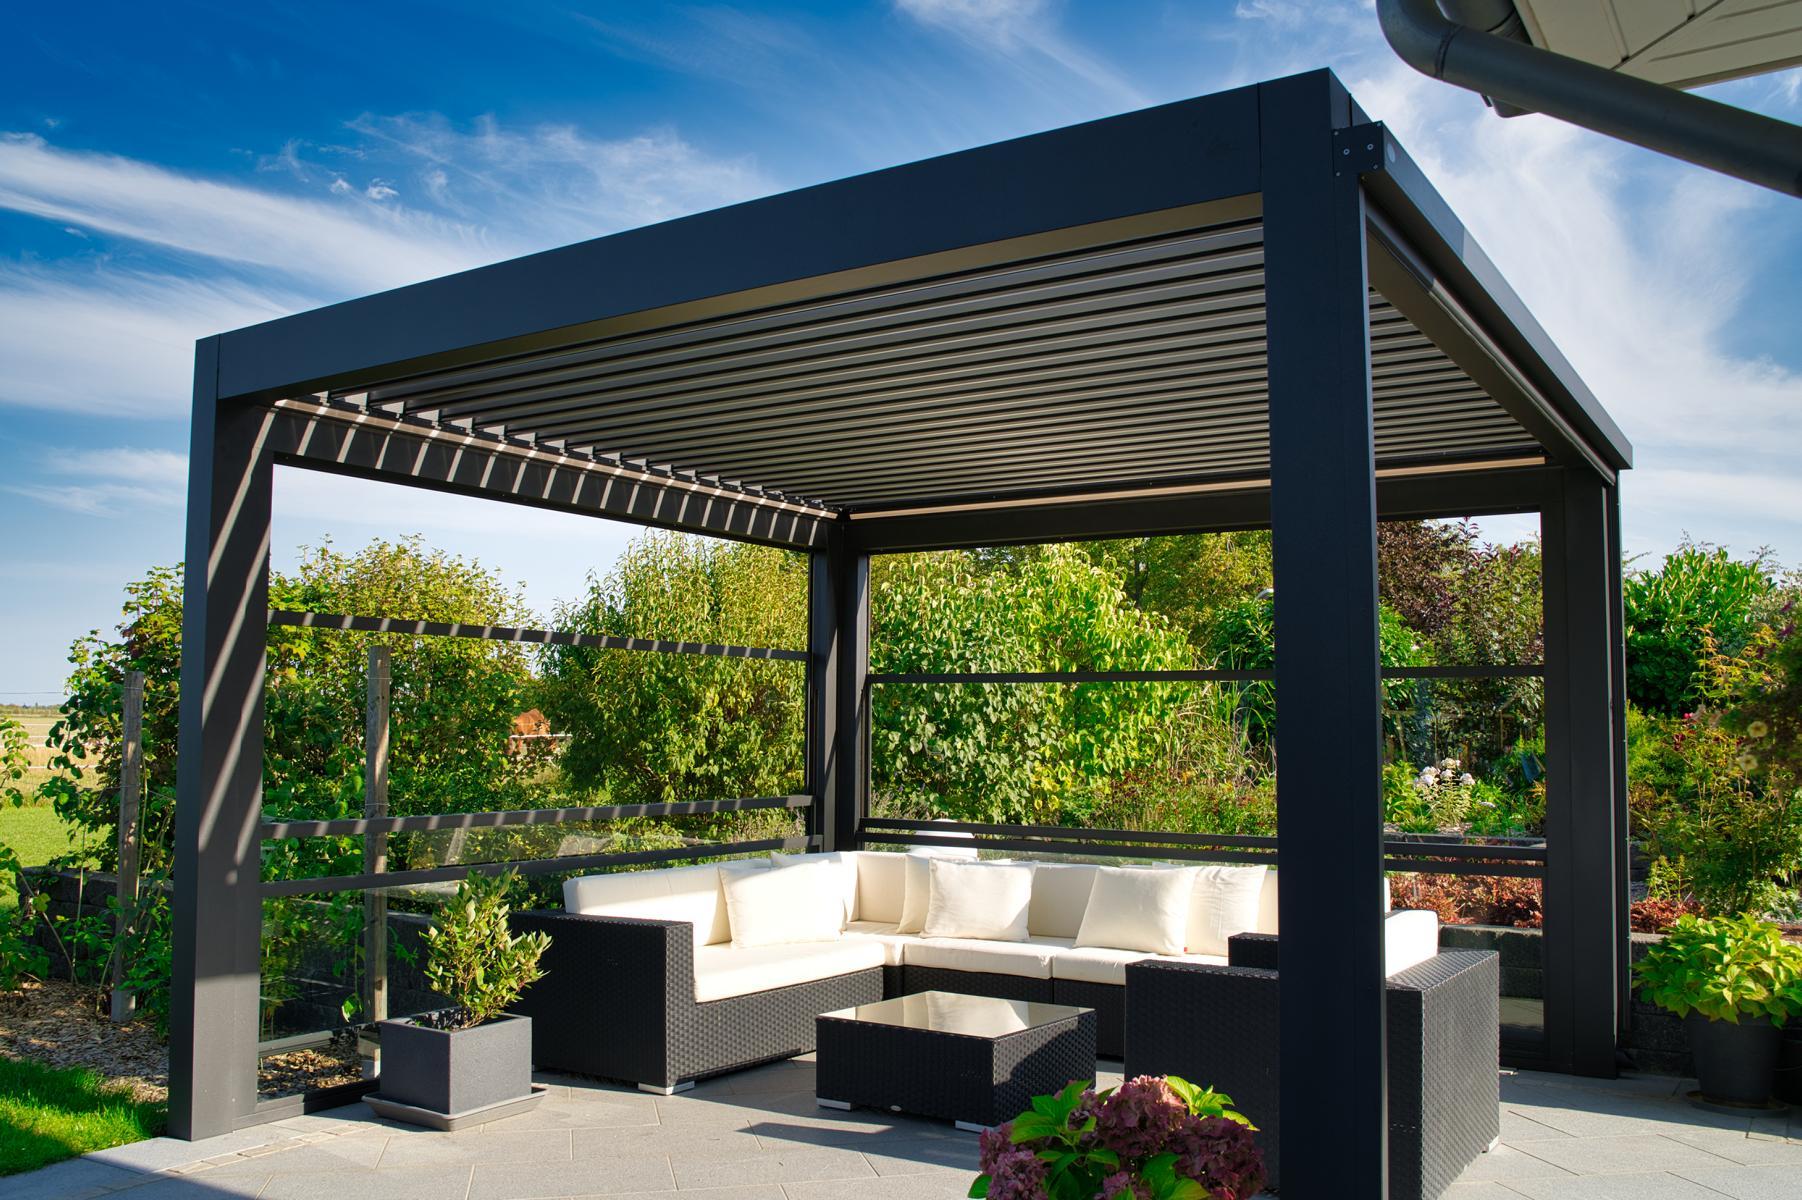 lamellendach skyroof palmiye terrassenueberdachung privat 85springe .JPG - Referenz Projekt - Geschützter Terrassenplatz für schöne Stunden